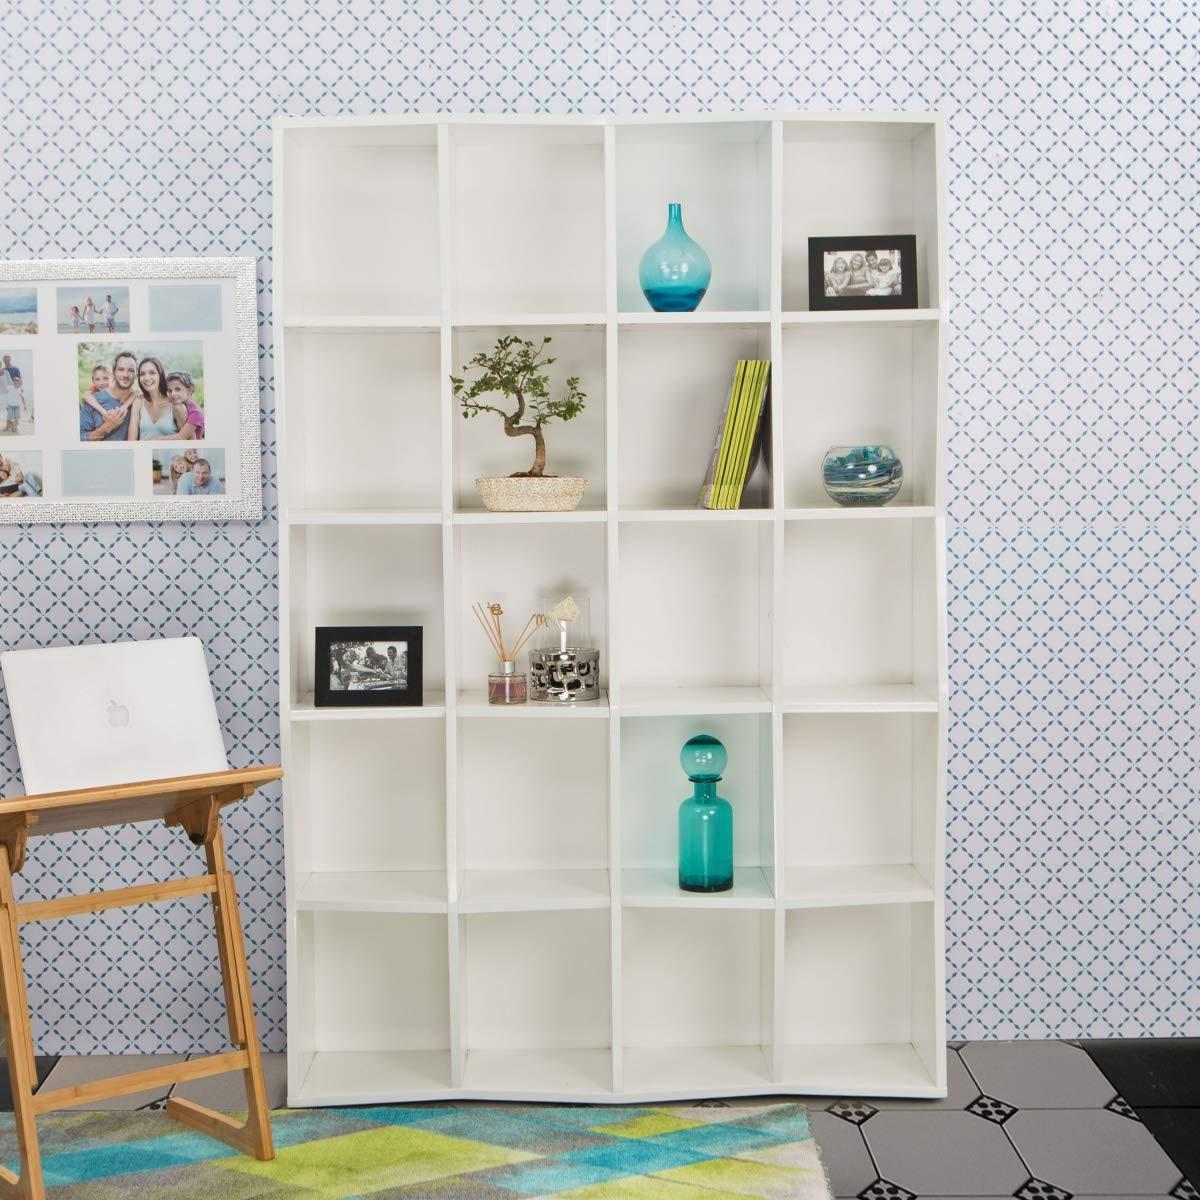 Home Centre Fresno Book Case: Amazon (View 10 of 20)